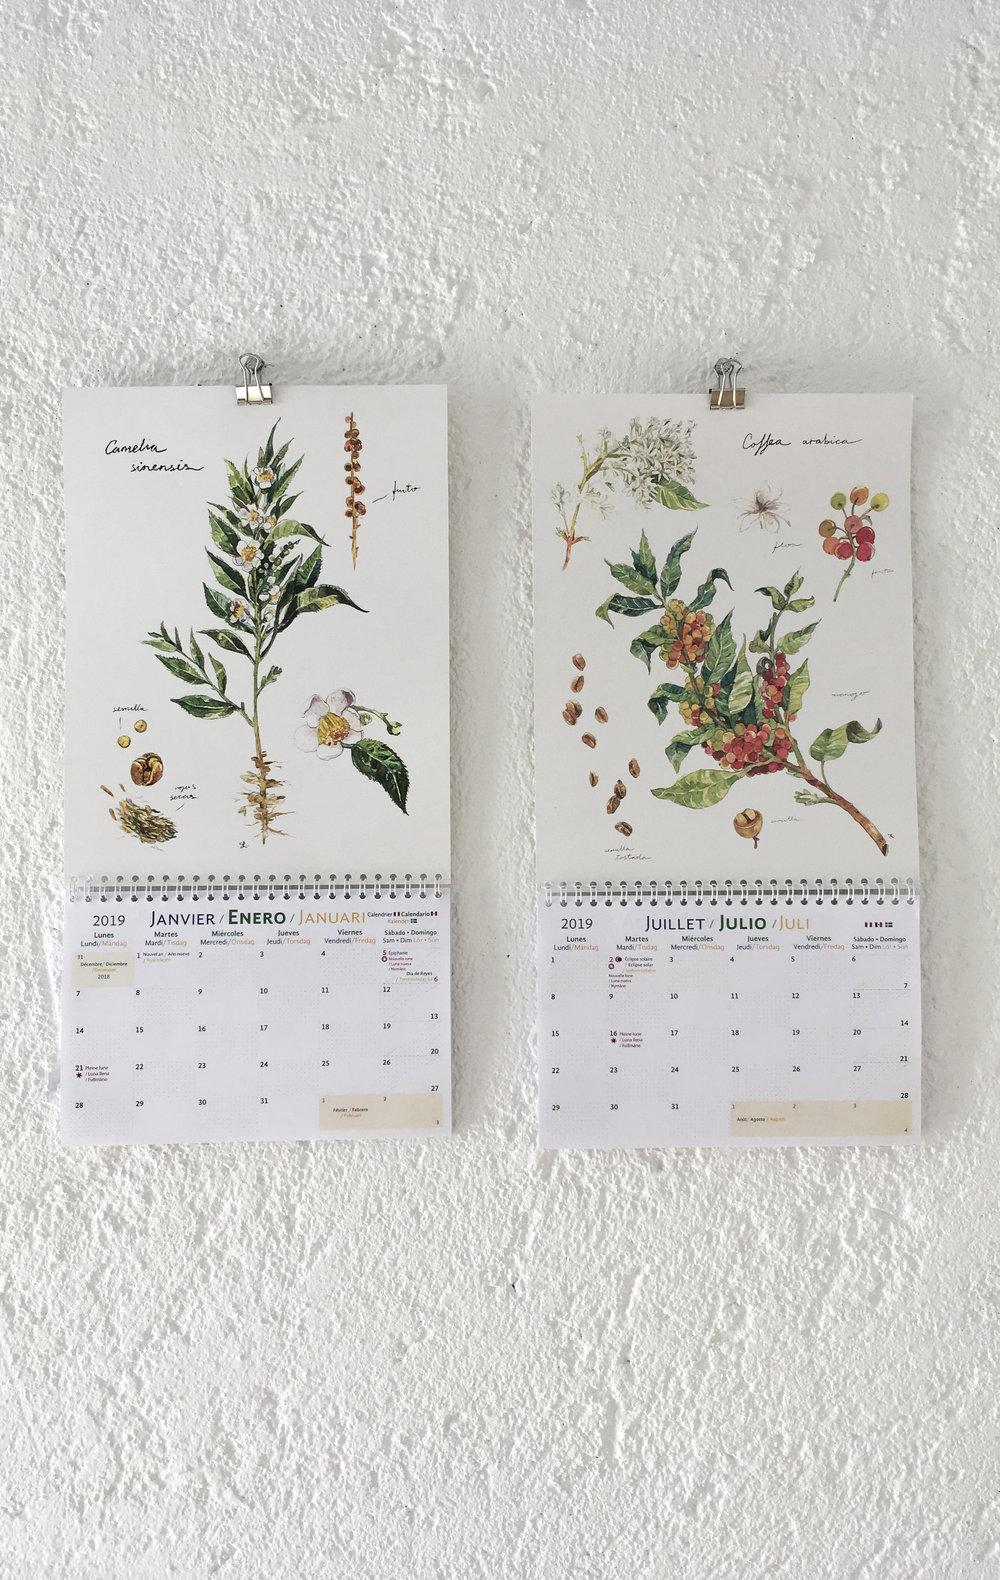 calendario 2019 06.jpg